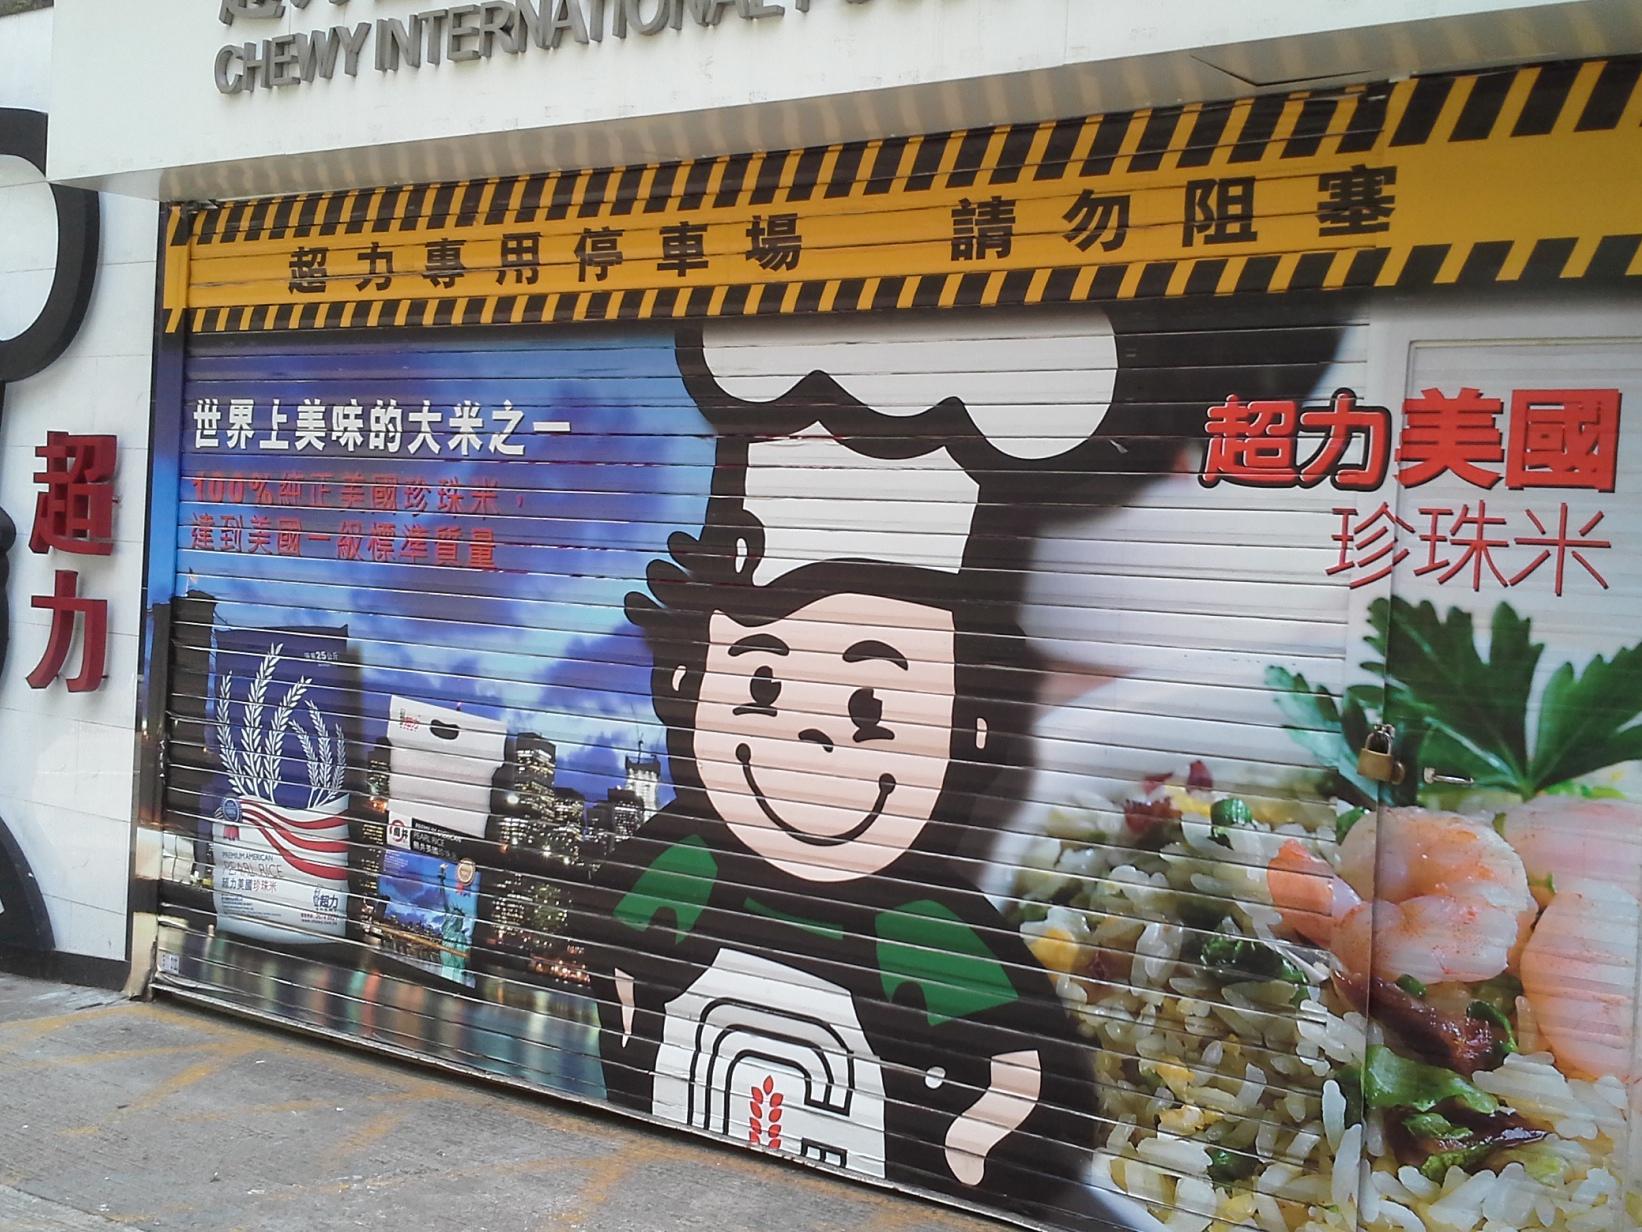 IP-US Medium Grain Breaks into Hong Kong Fast Food Mkt, Chewy Intl-160602